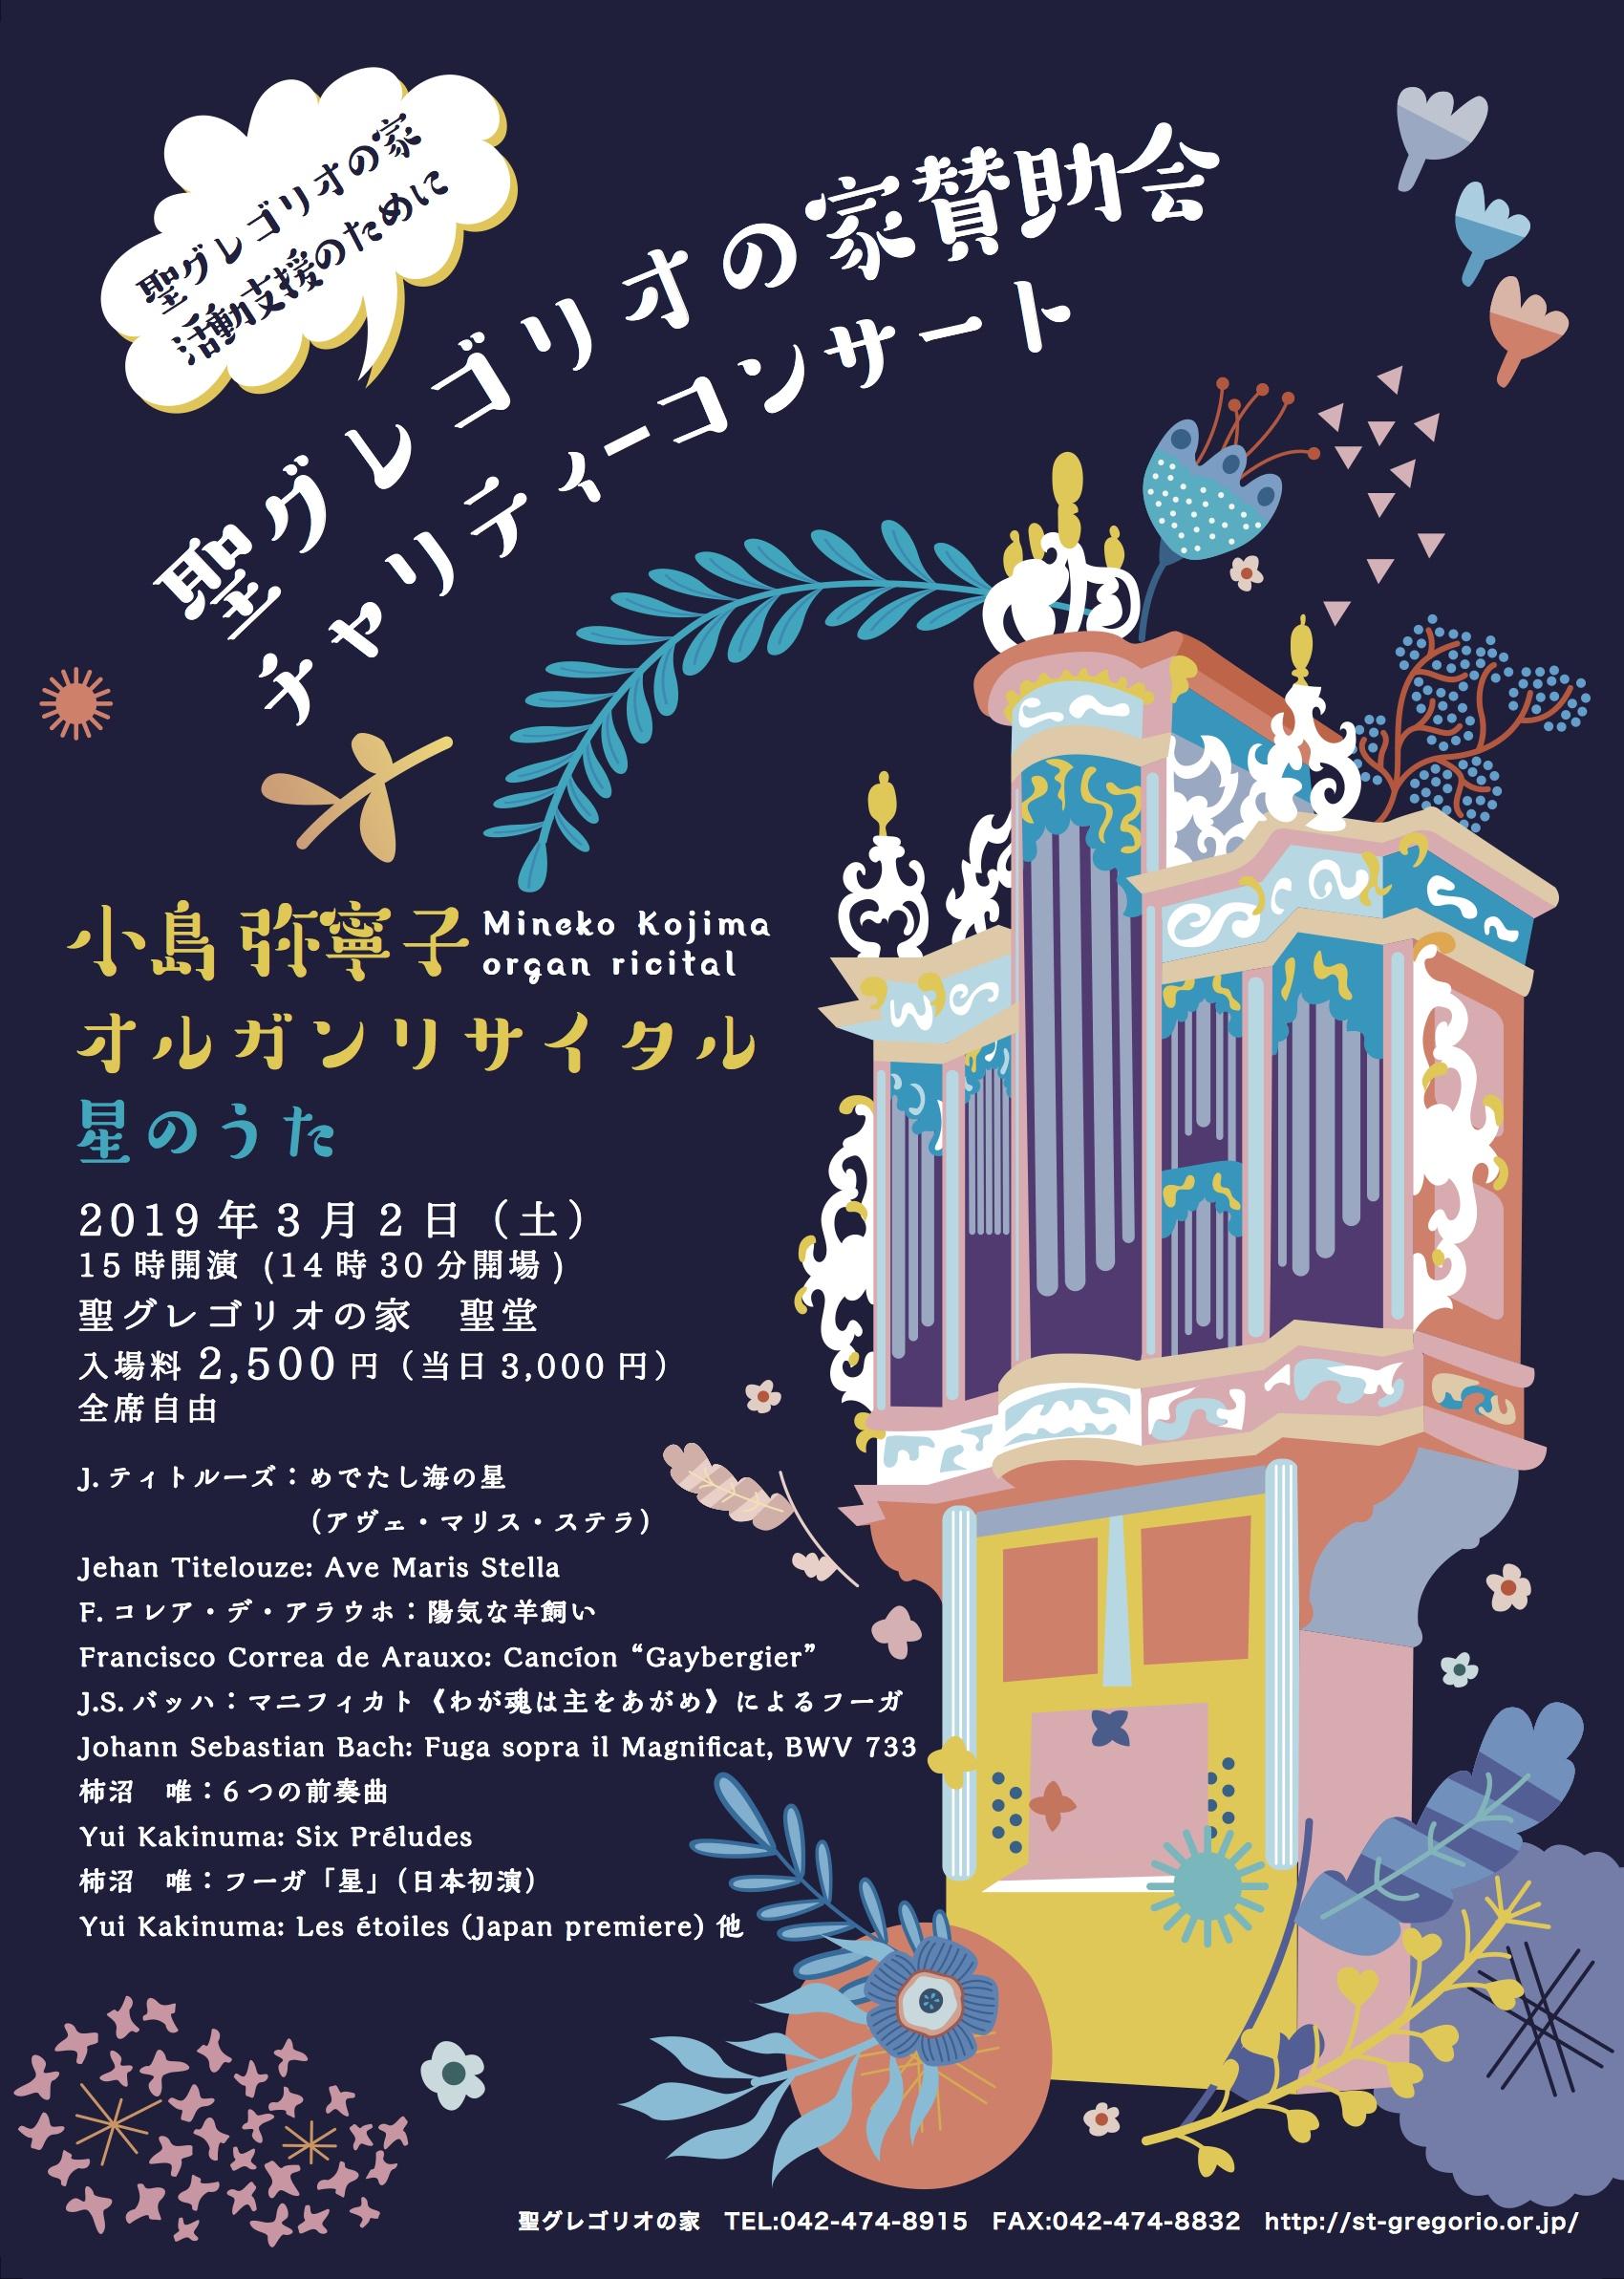 聖グレゴリオの家賛助会チャリティーコンサート